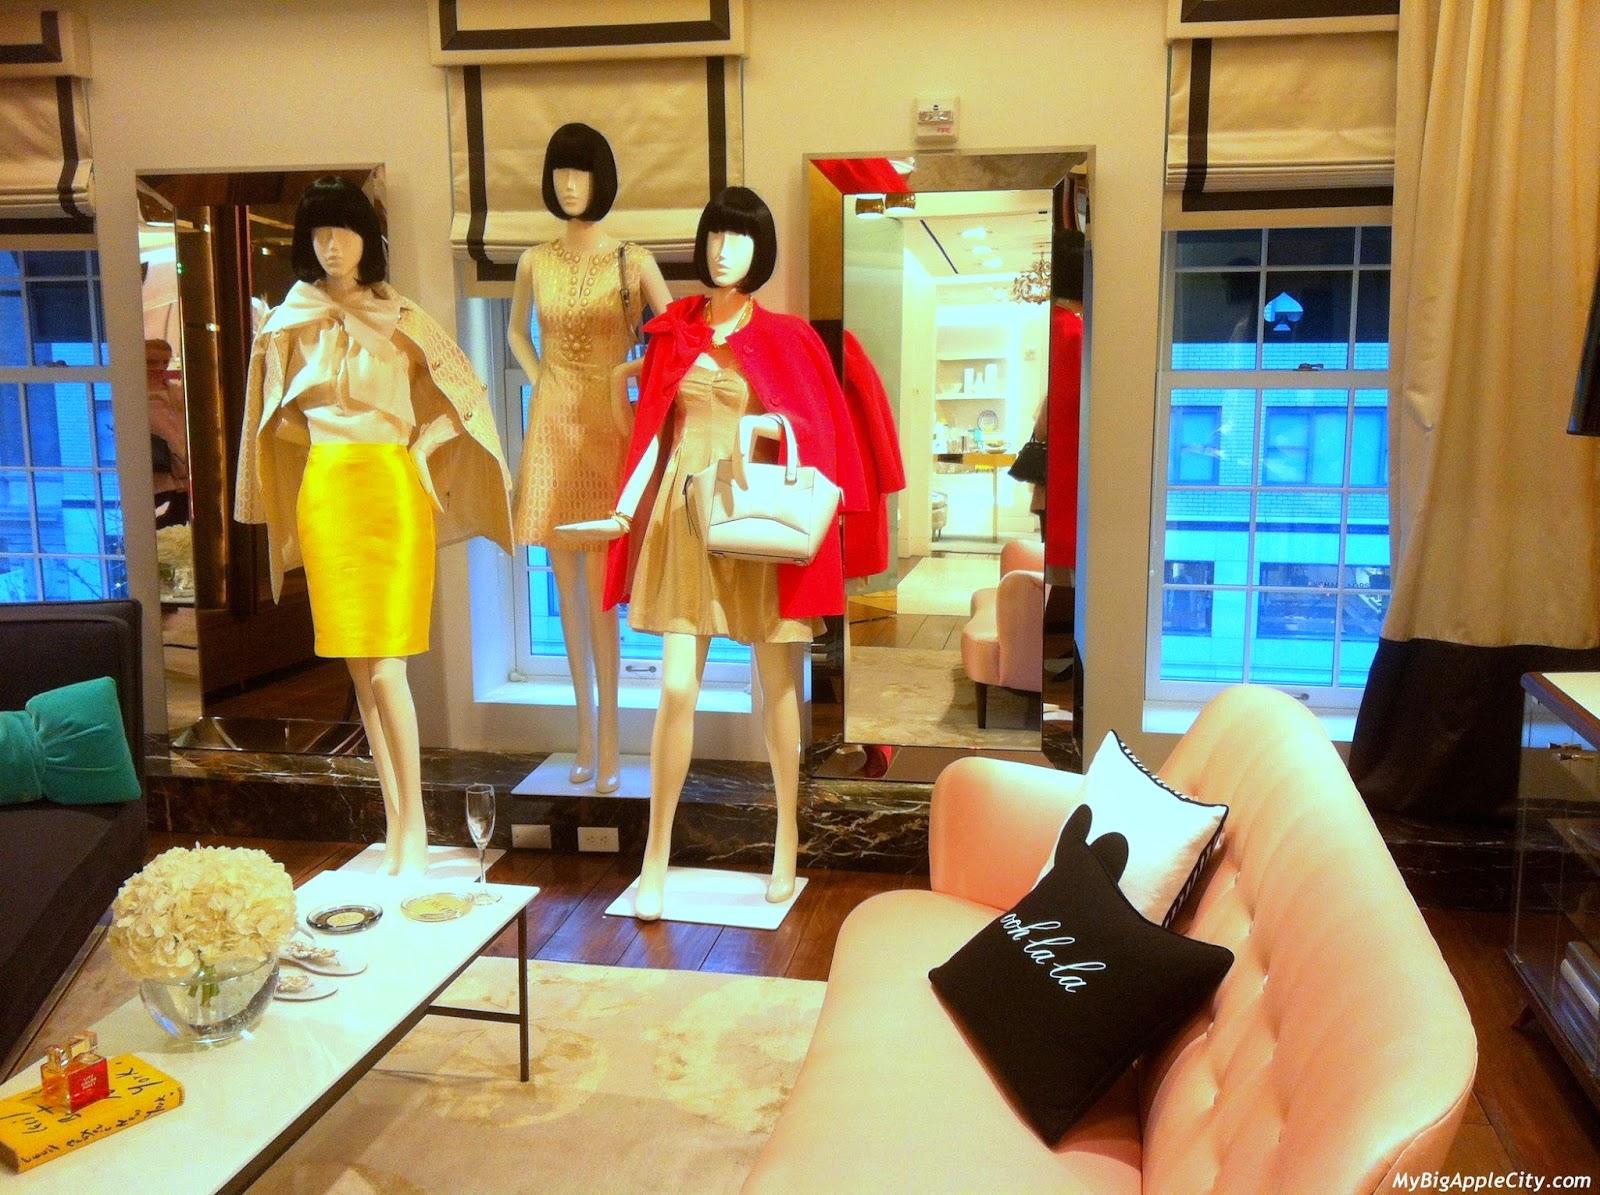 fashionblogger-lifestyle-madison-kate-spade